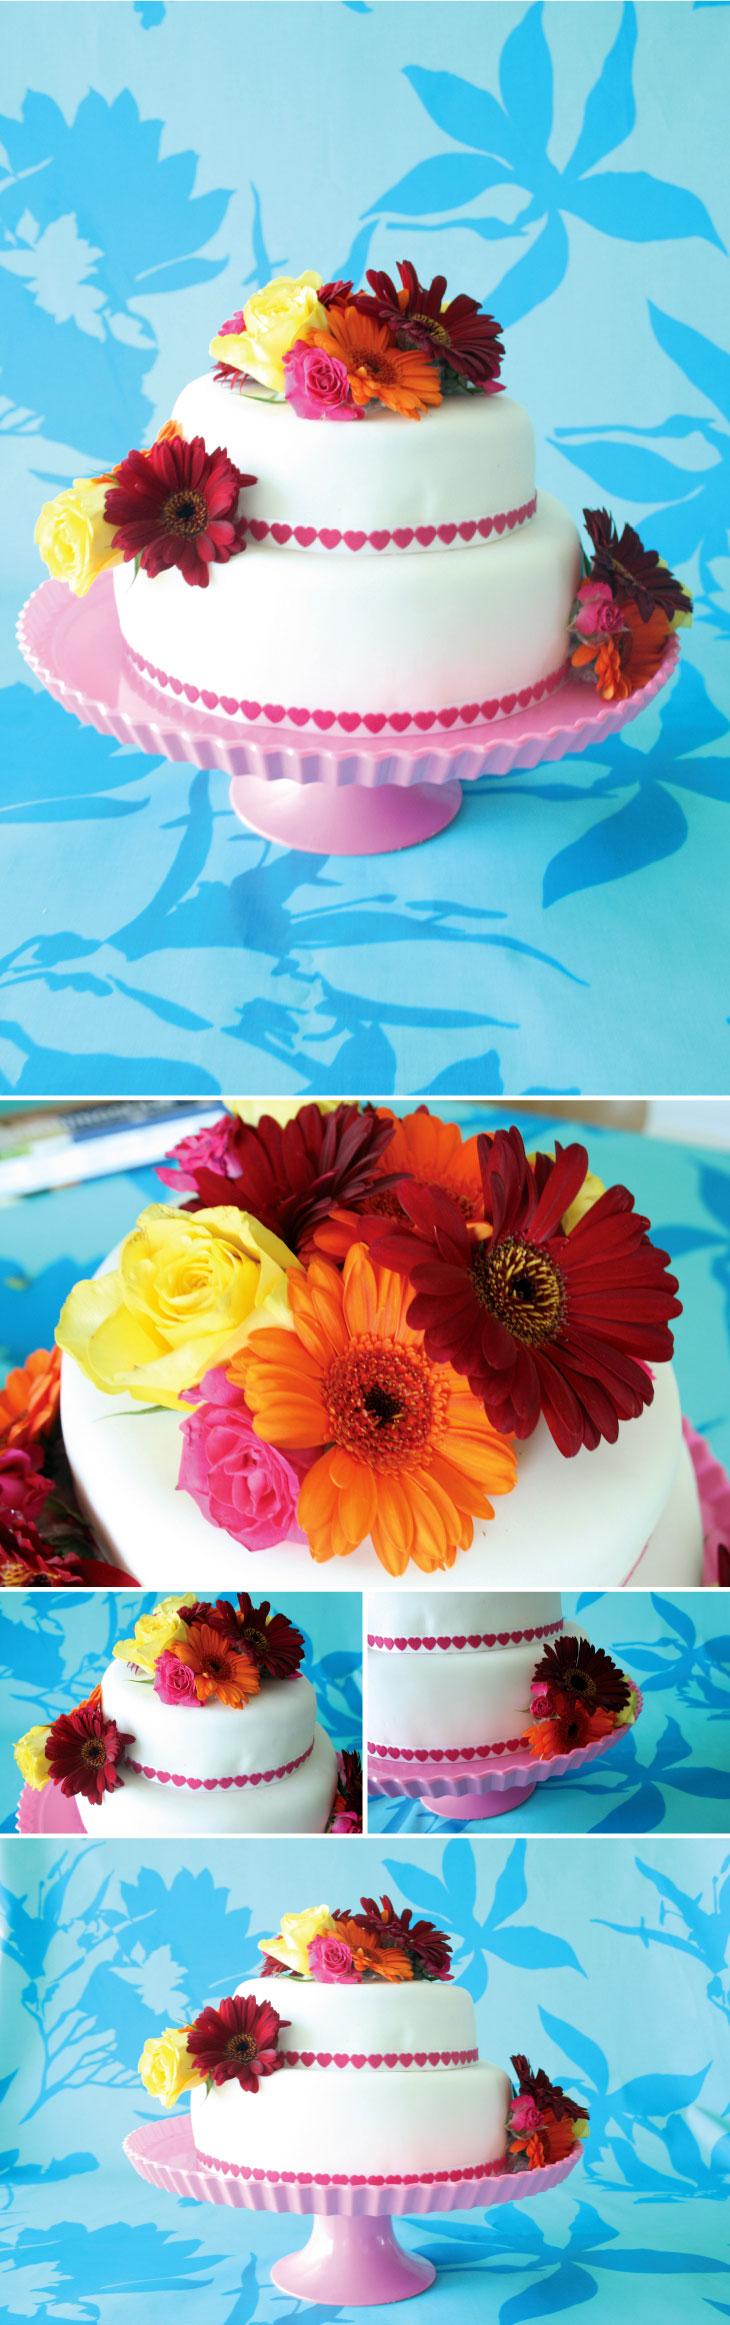 bryllupskage med hjerter og blomster